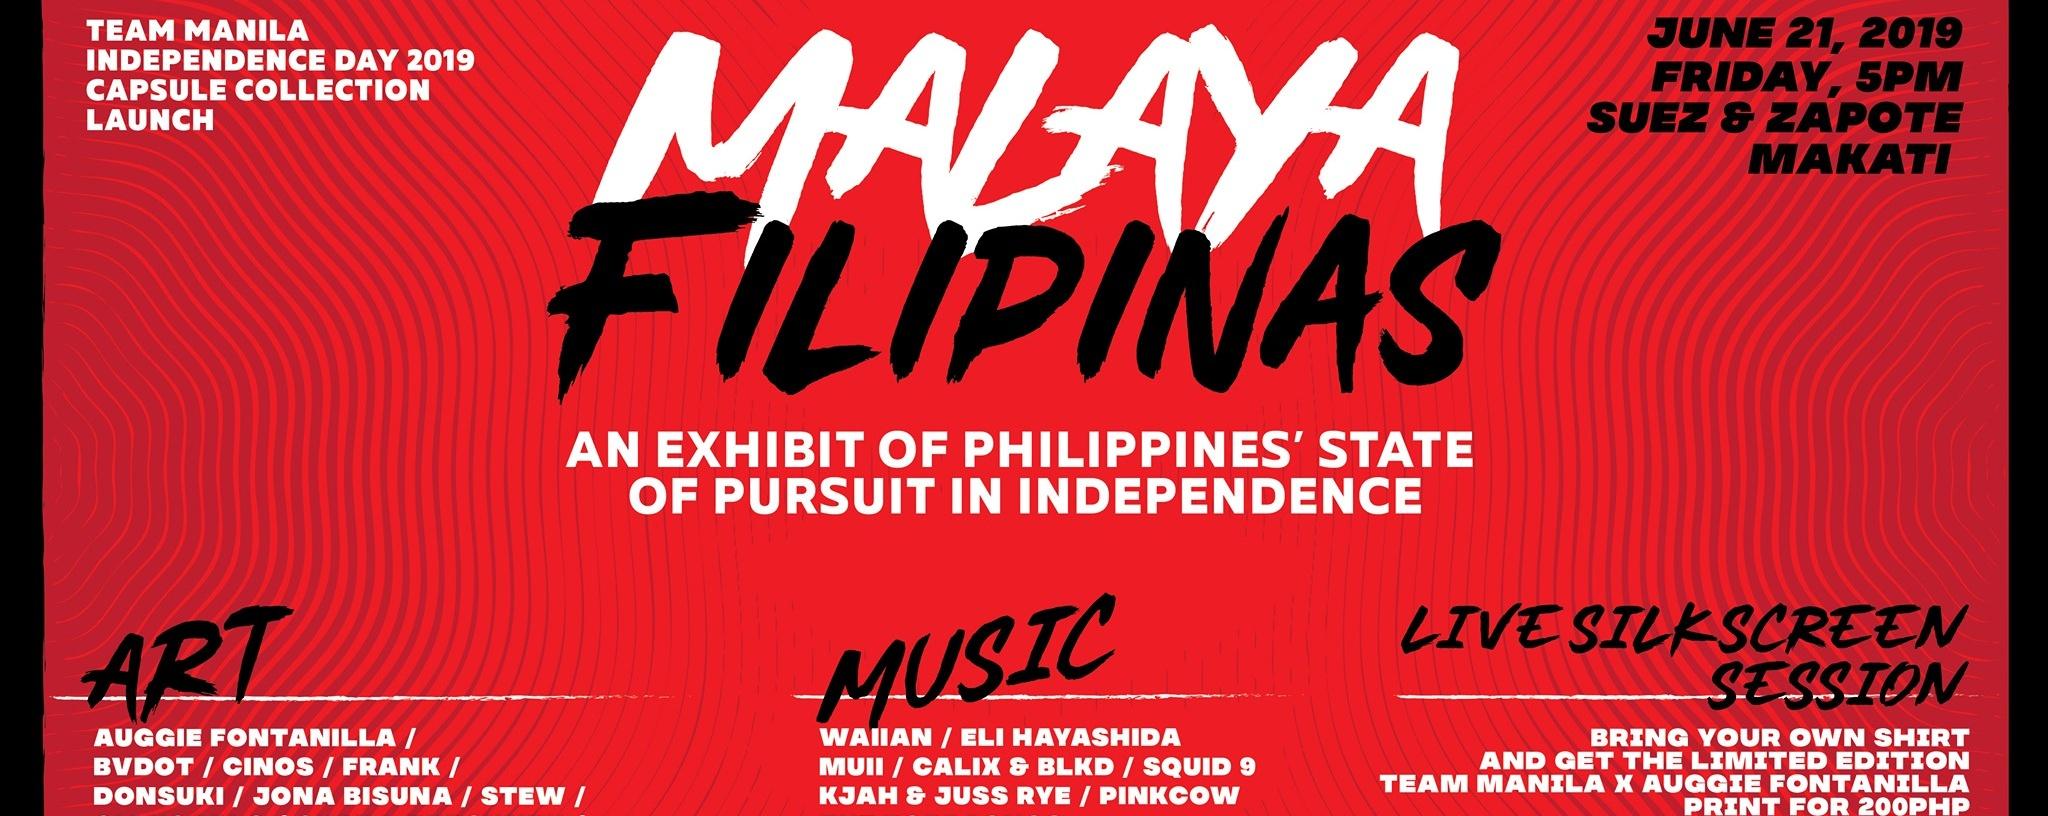 Malaya Filipinas